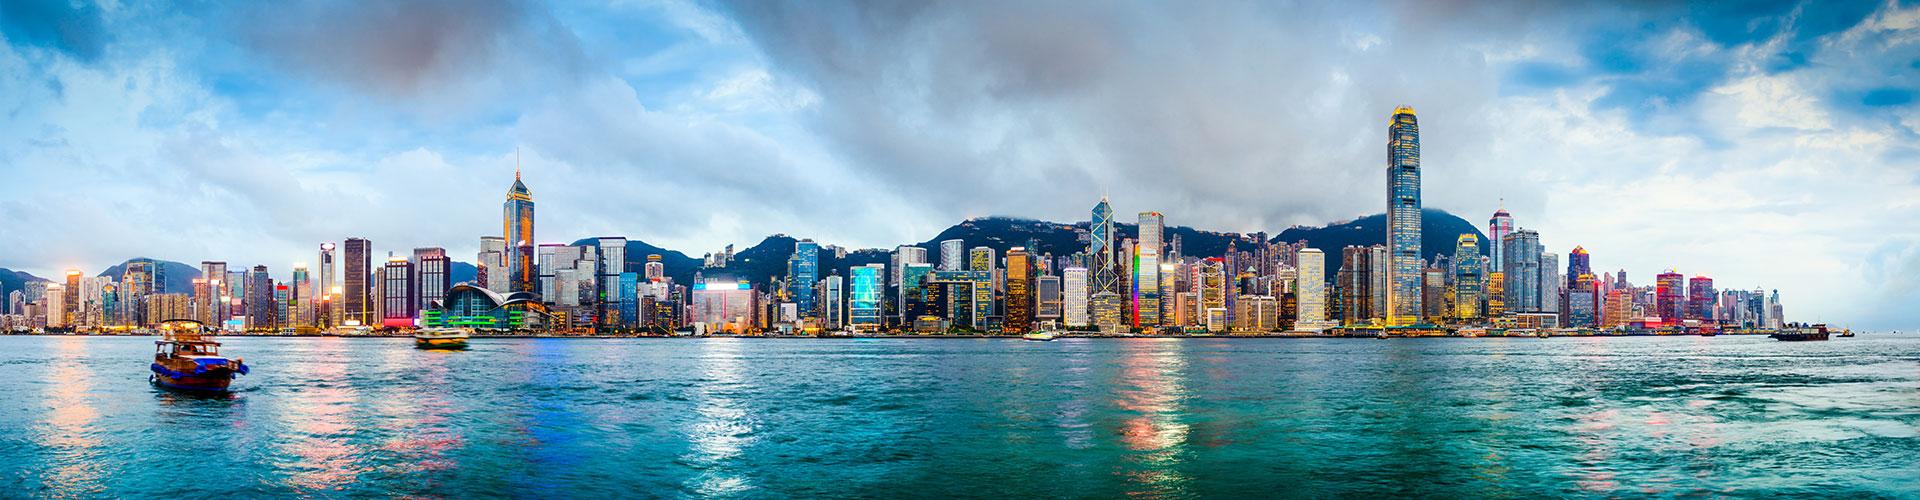 migliore velocità dating Hong Kong Londra gratuito sito di incontri